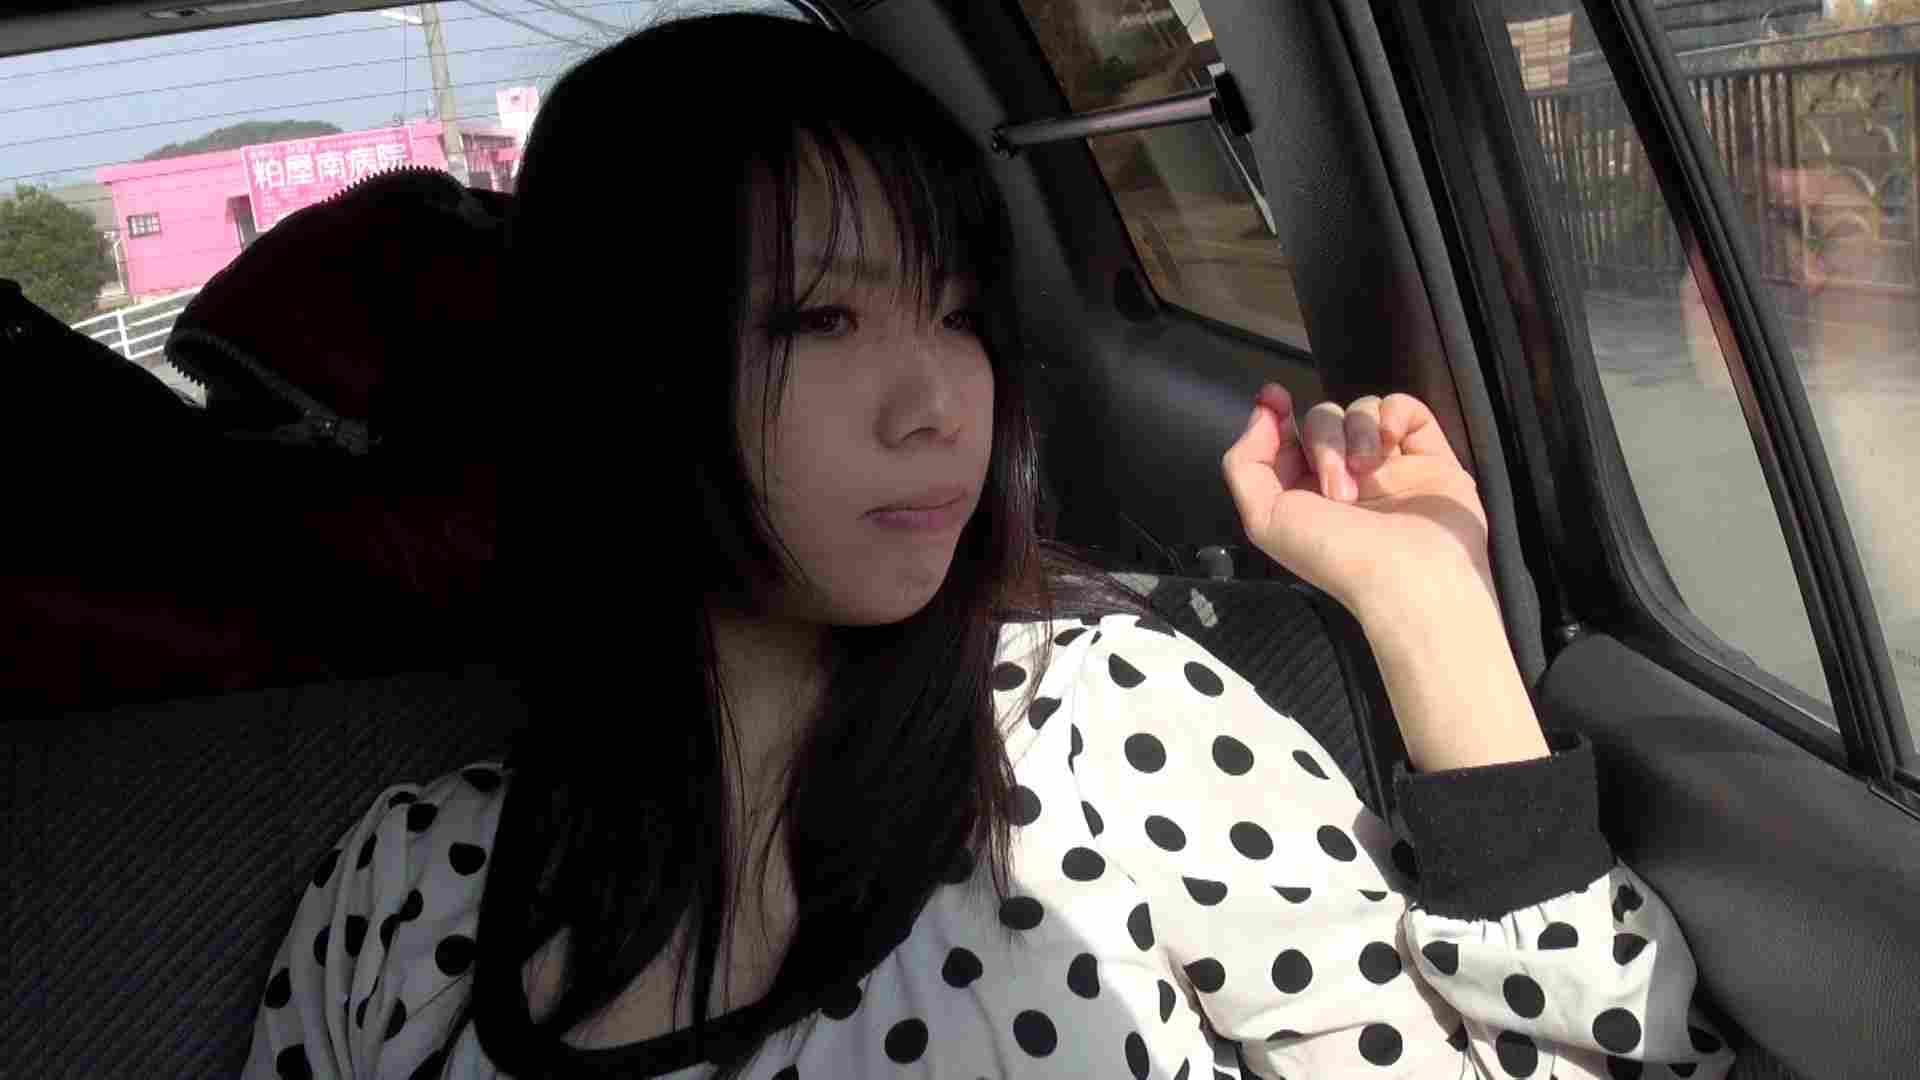 vol.4 鬼神さん様子見で車内ローター攻め お姉さん攻略 エロ画像 99画像 38